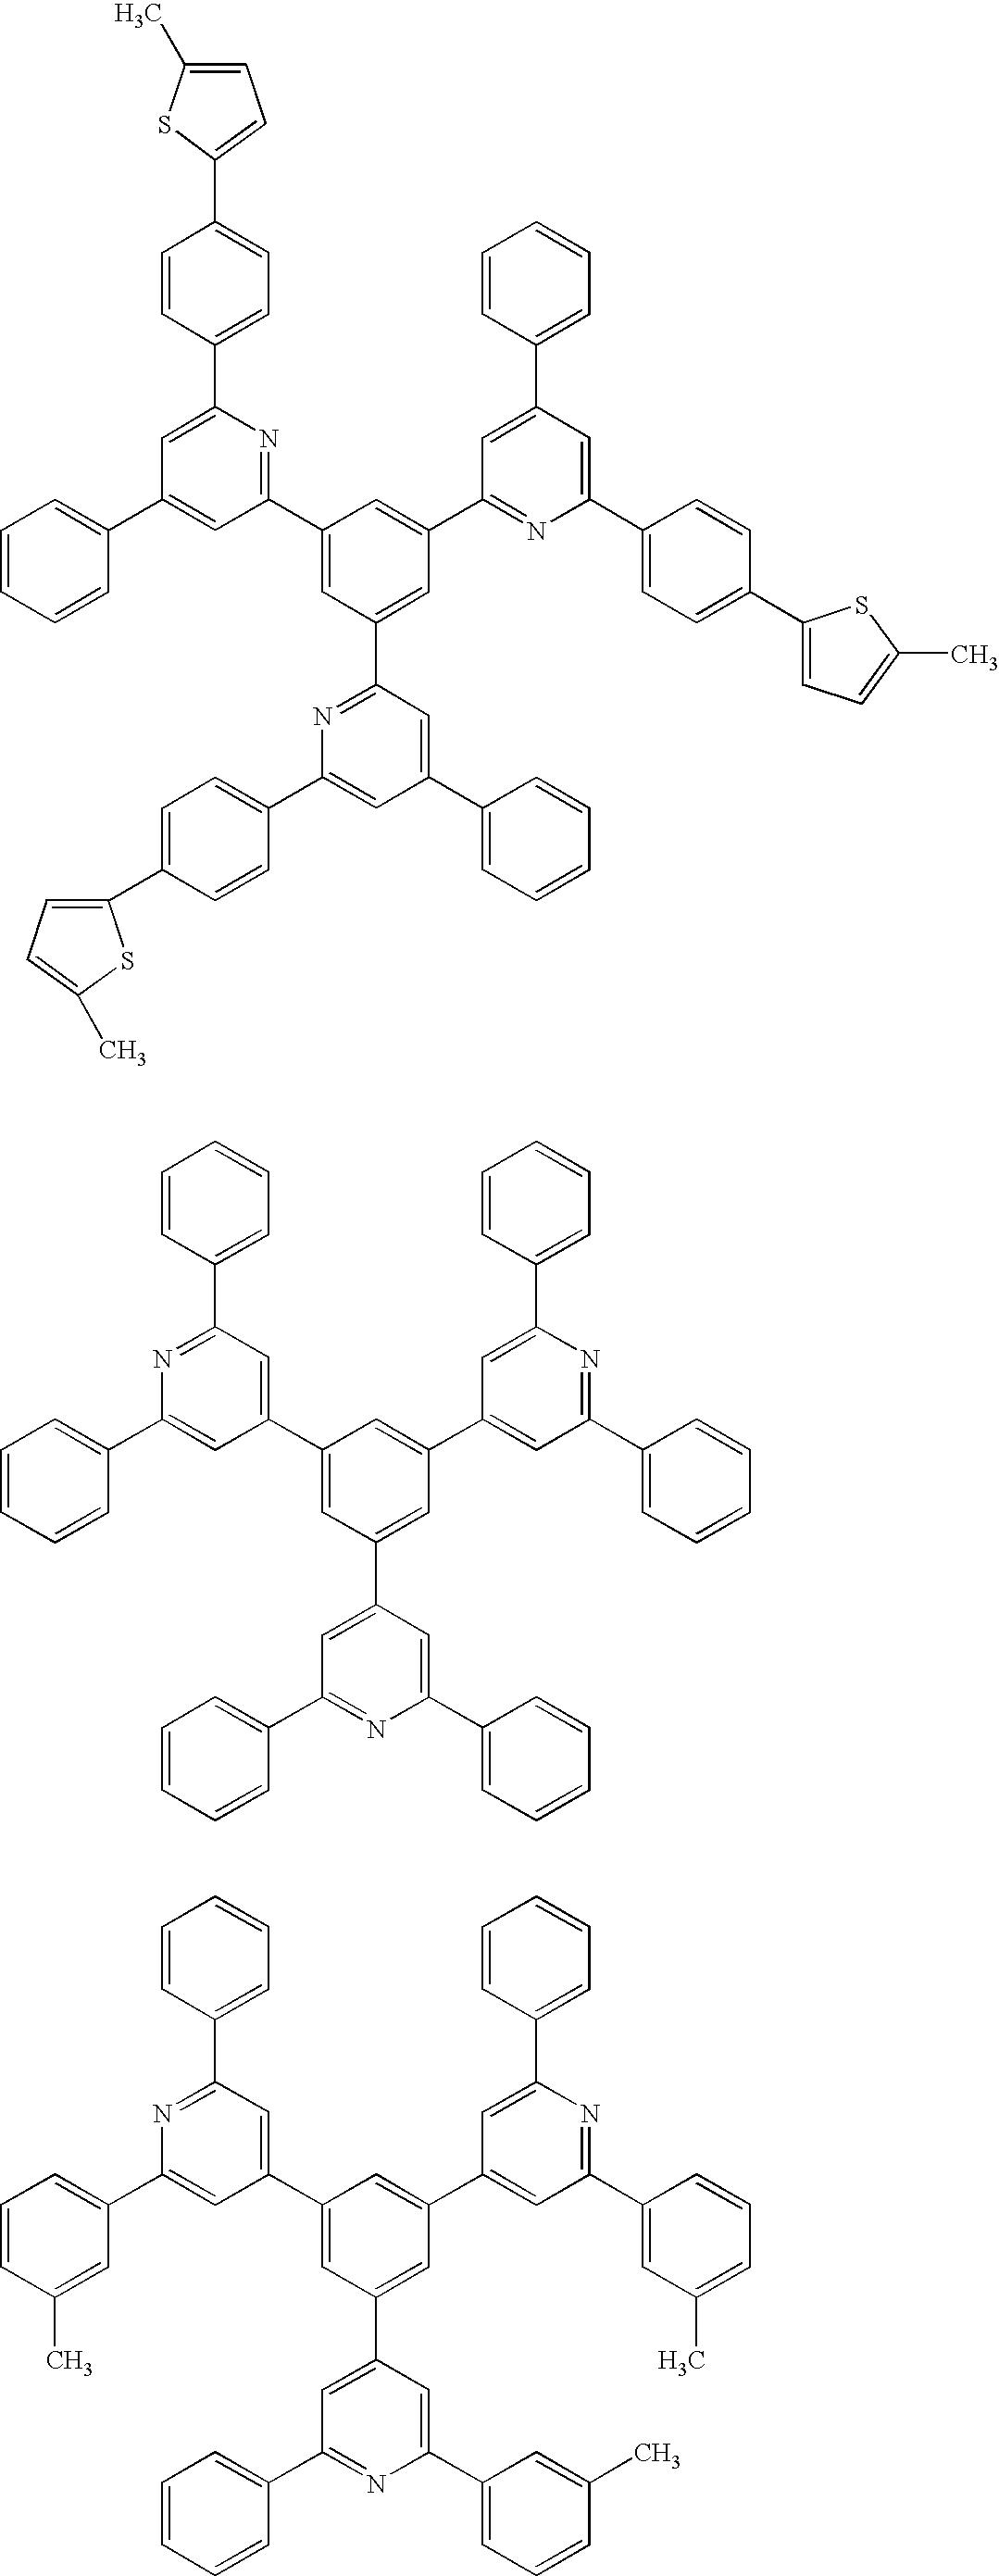 Figure US20060186796A1-20060824-C00121